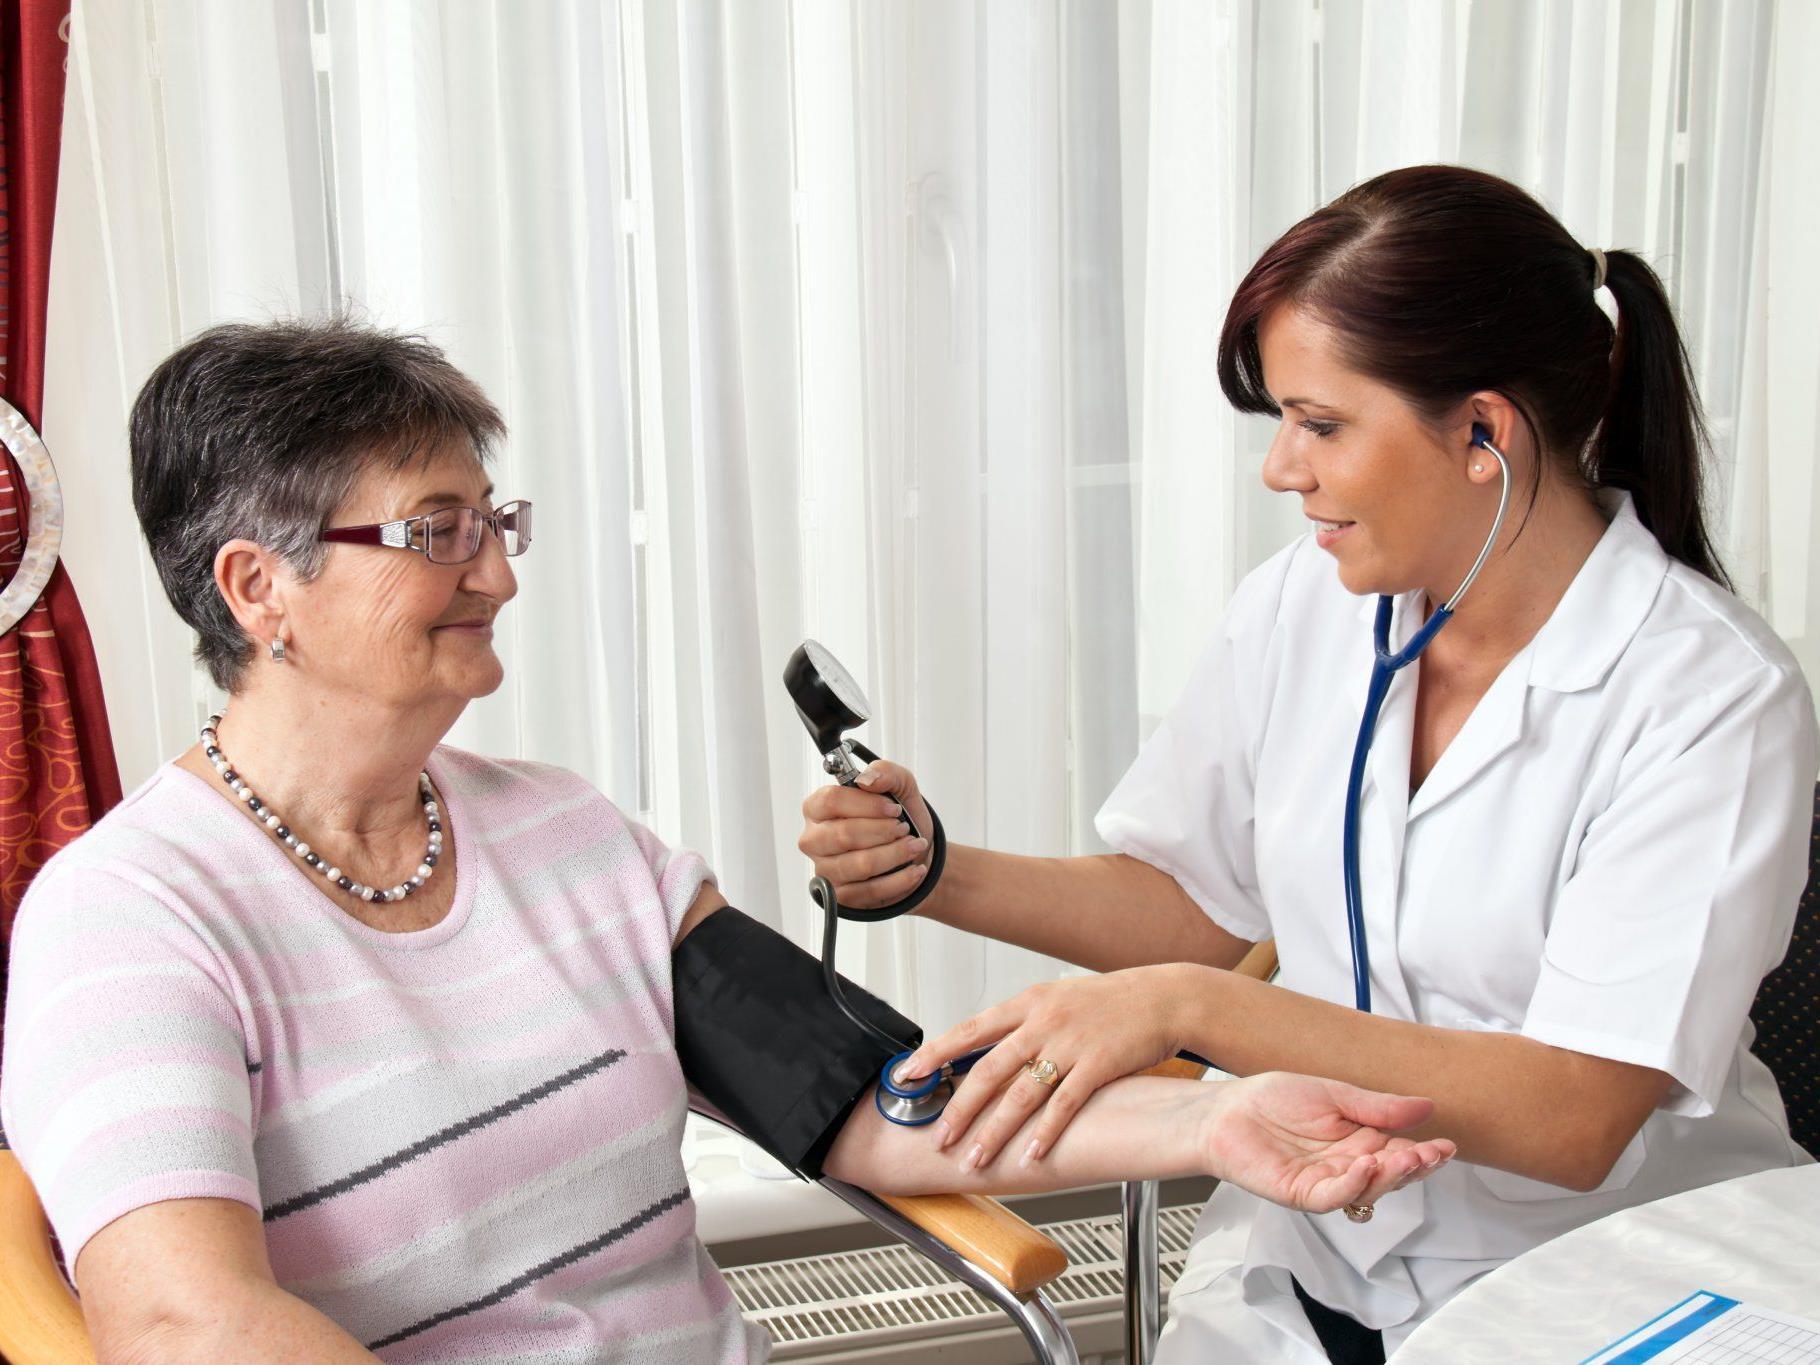 Besucher können sich zum Beispiel den Blutdruck messen lassen